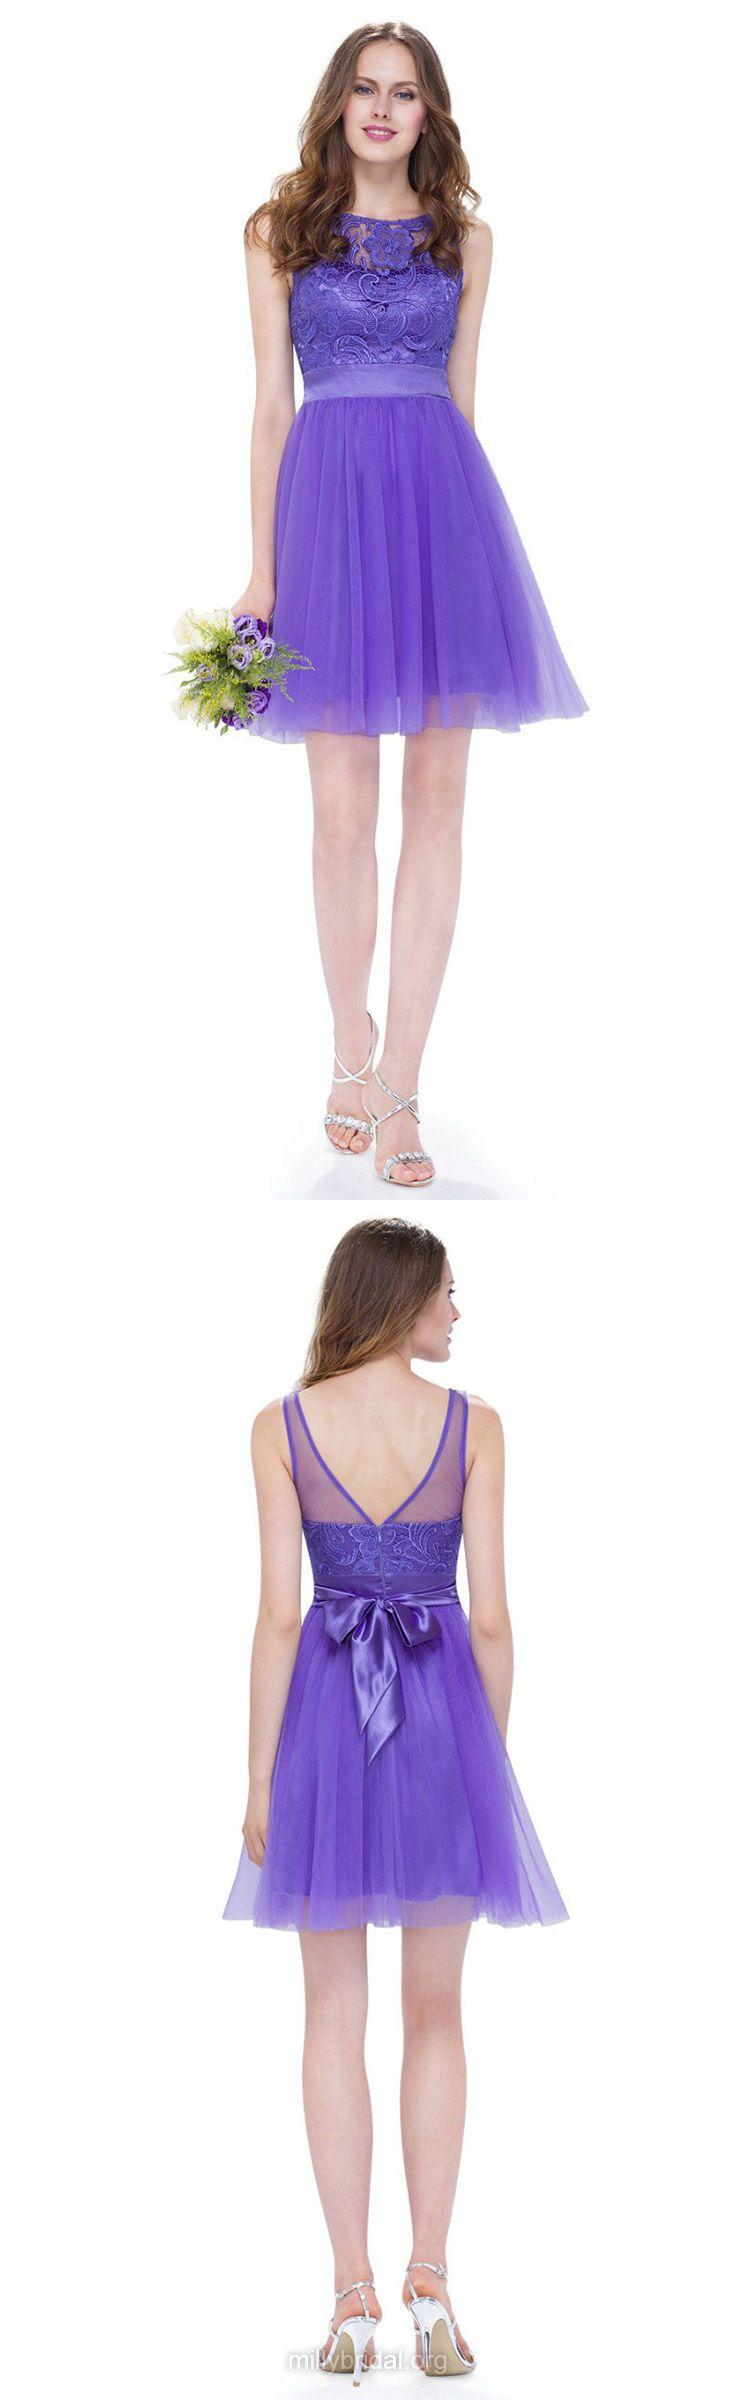 Purple Bridesmaid Dresses Short, Lace Bridesmaid Dresses 2018, A-line Bridesmaid Dresses Scoop Neck, Tulle Bridesmaid Dresses with Sashes / Ribbons